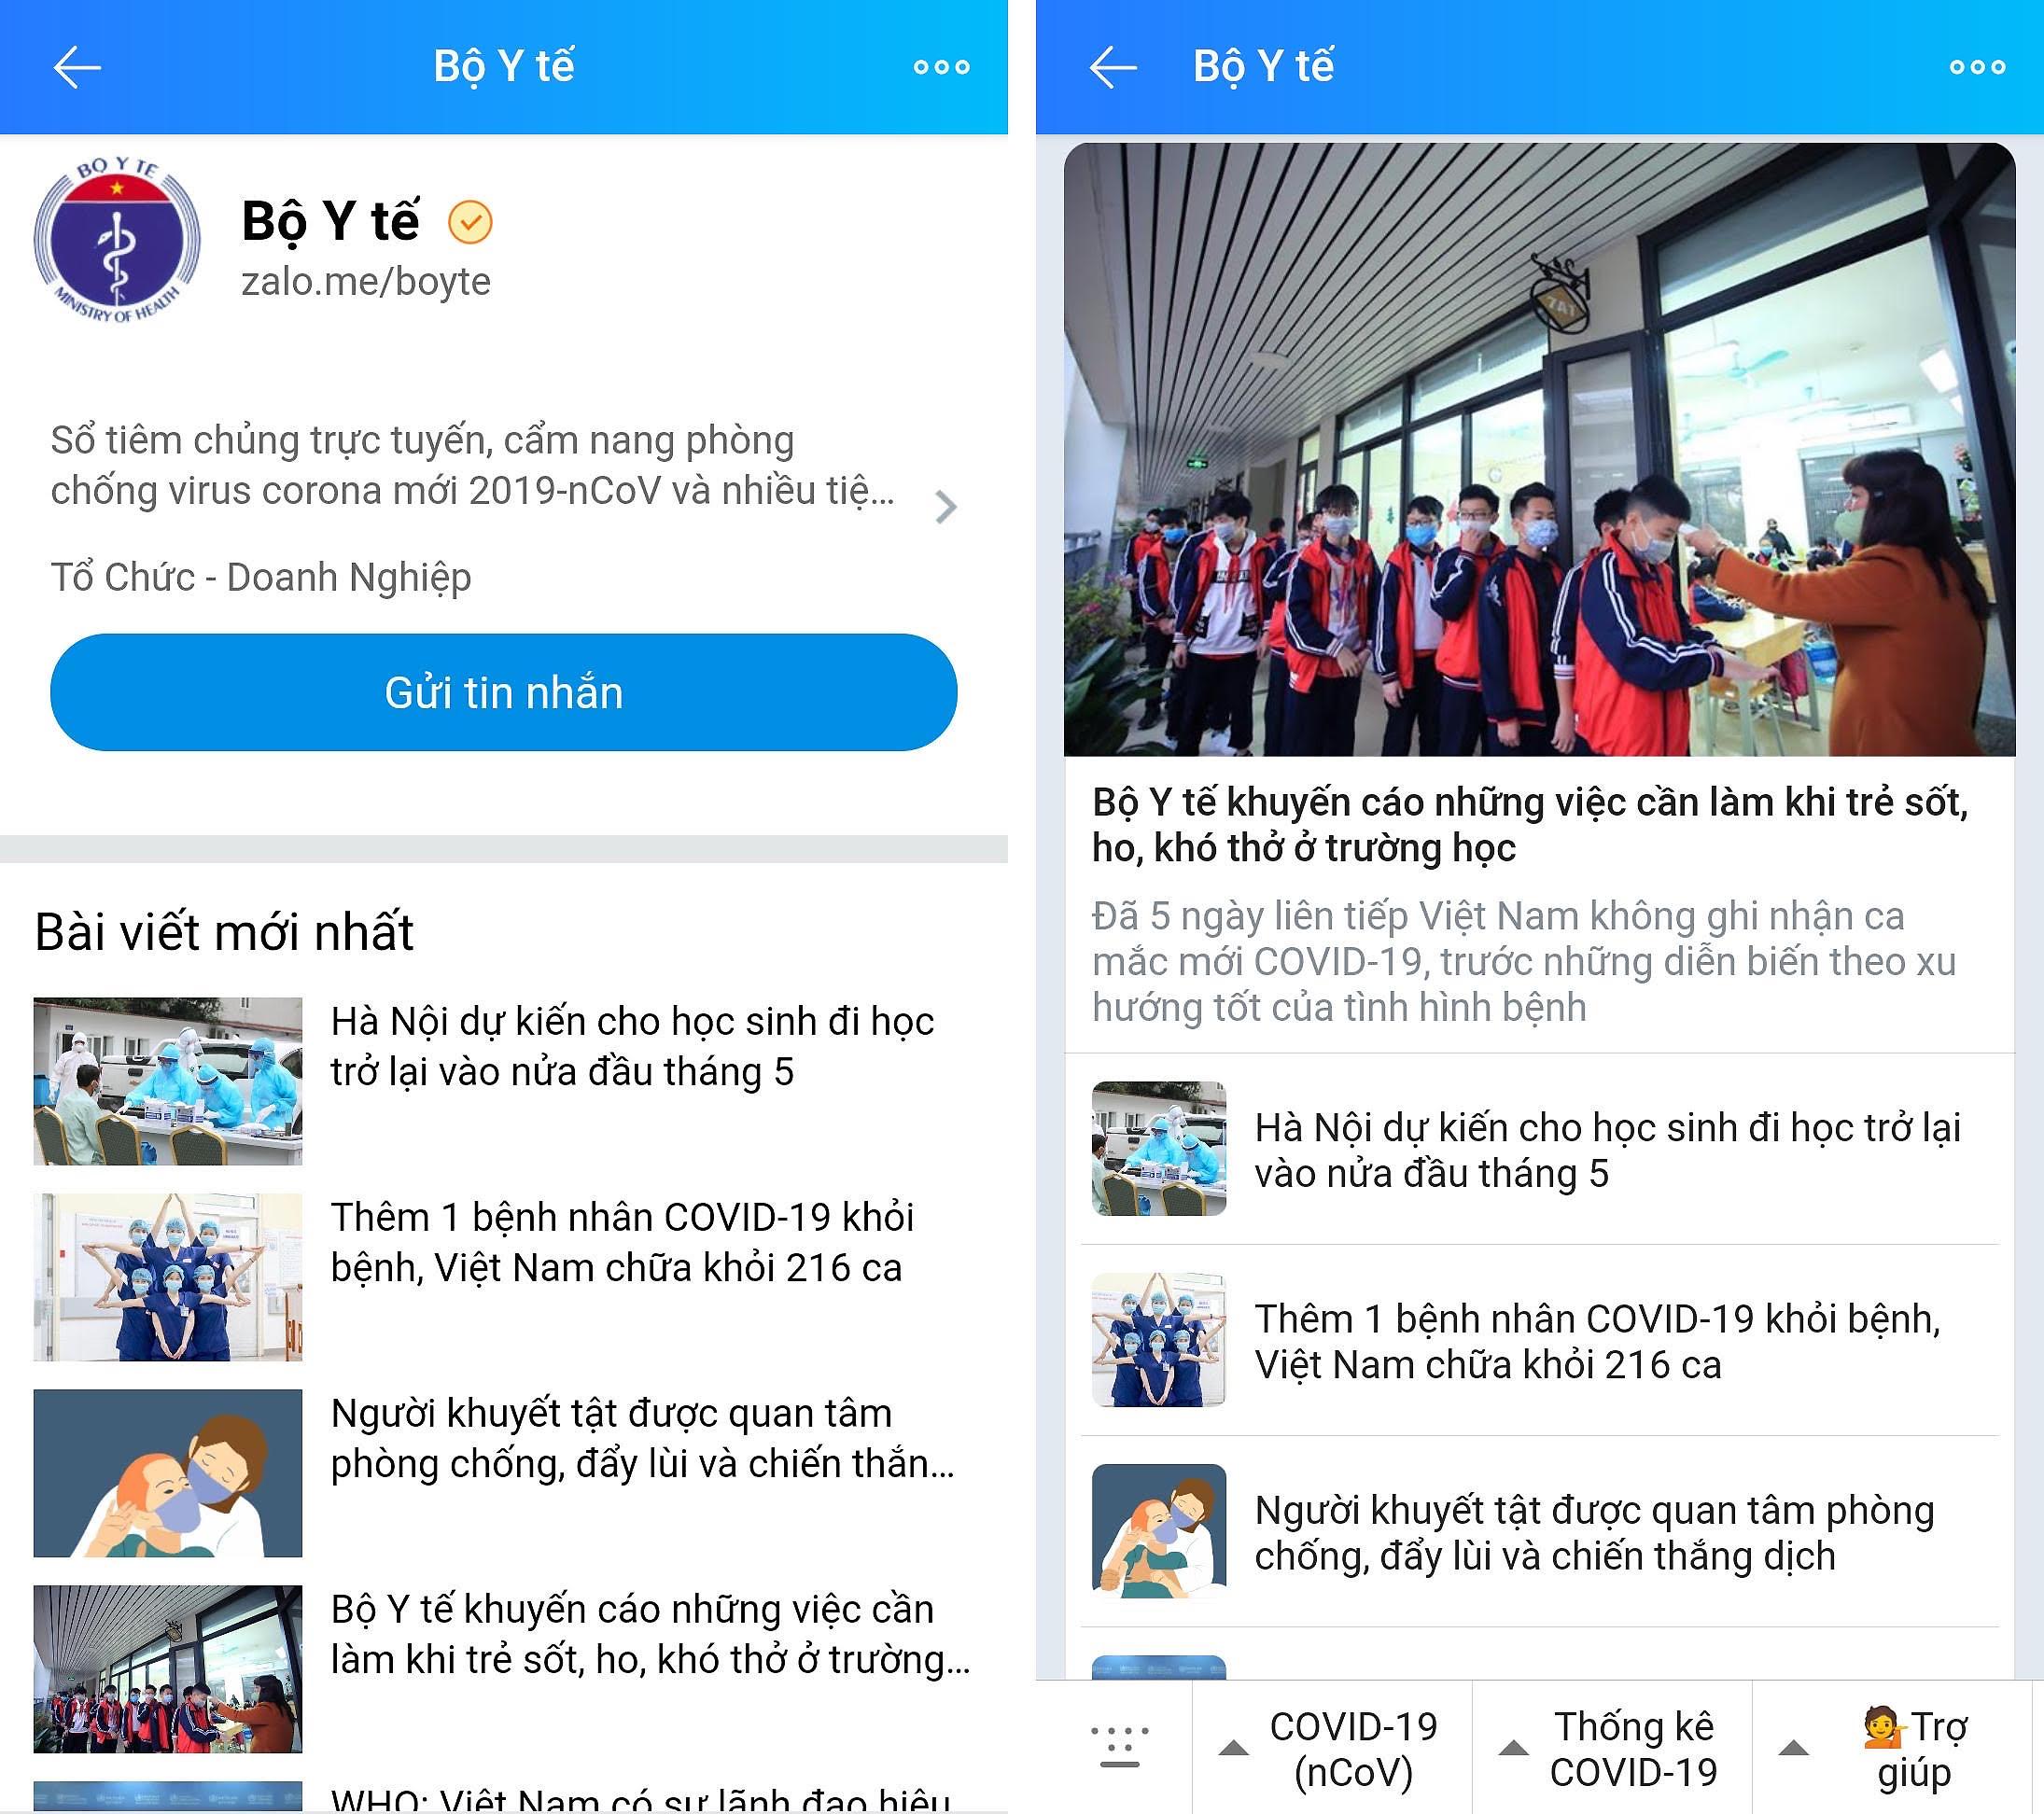 Chatbot được tích hợp trên trang Zalo chính thức (OA) của Bộ Y tế. Ảnh: VGP/Hiền Minh